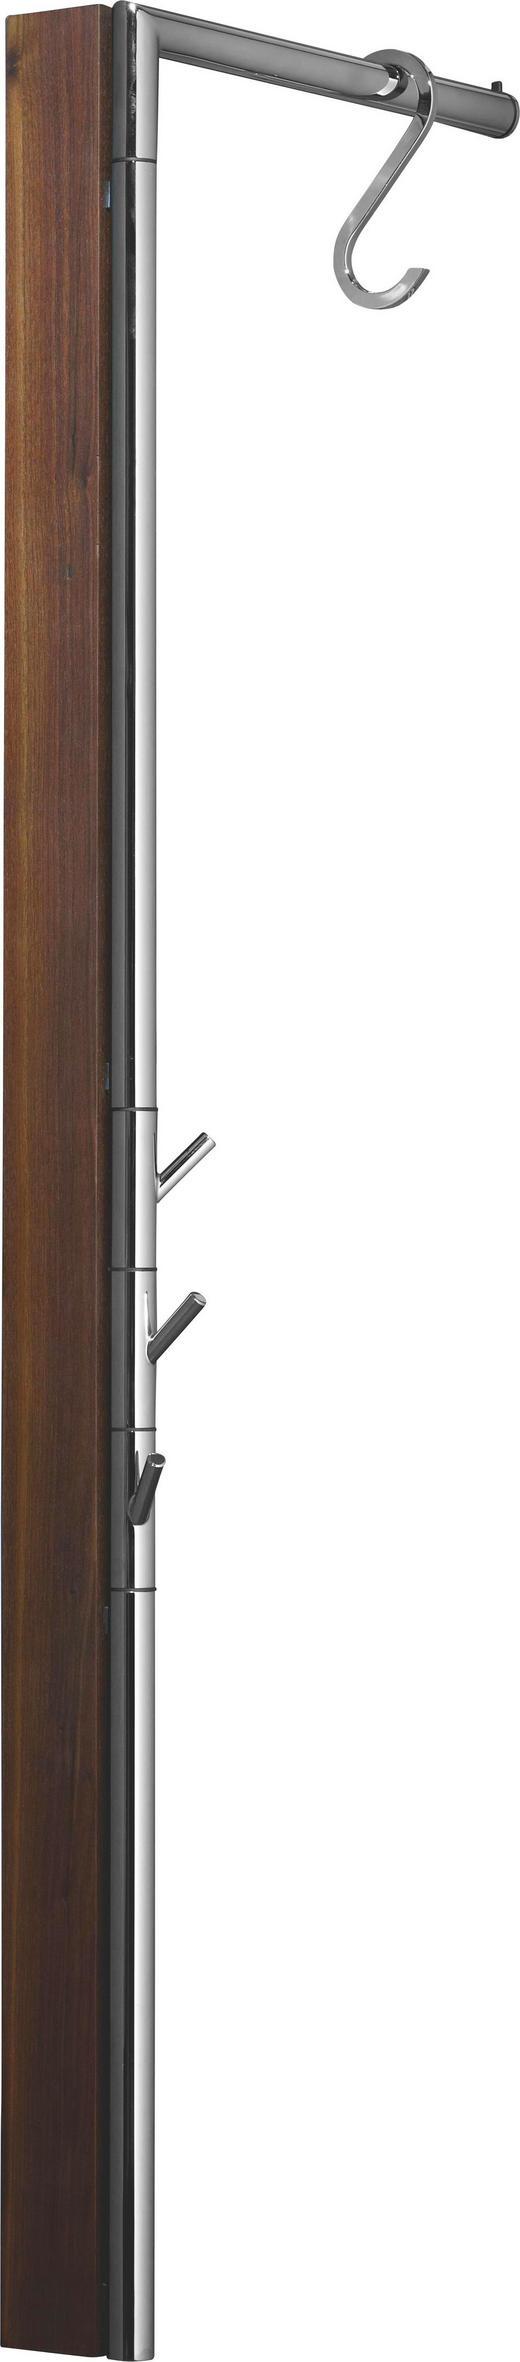 WANDGARDEROBE Nussbaum massiv Nussbaumfarben - Nussbaumfarben, Design, Holz/Metall (2,5(35)/120/38,5cm) - Carryhome